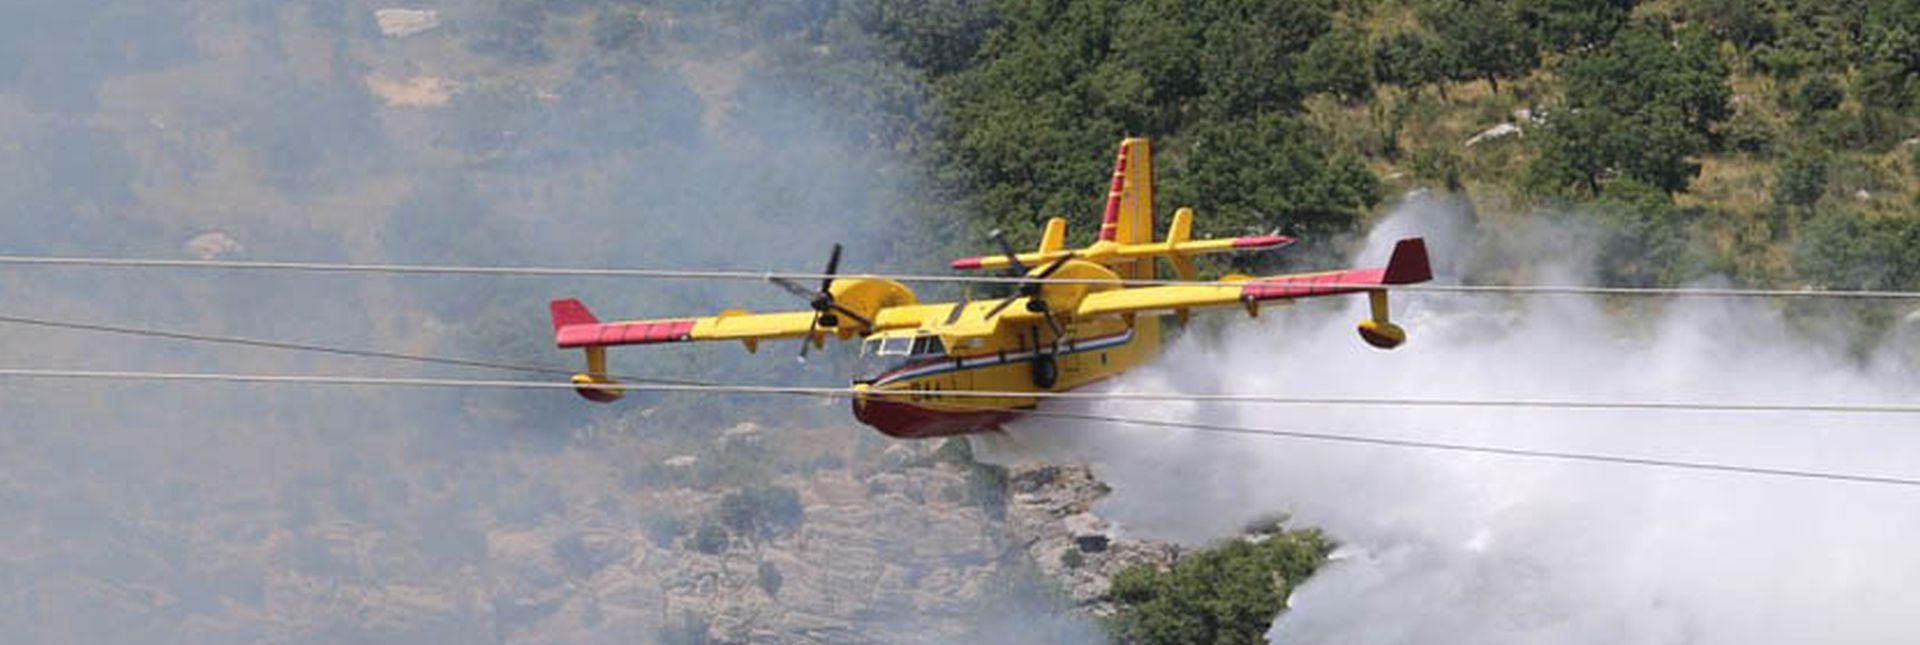 35 TISUĆA TONE VODE, MORH: Dva airtractora na požarištu na Dinari